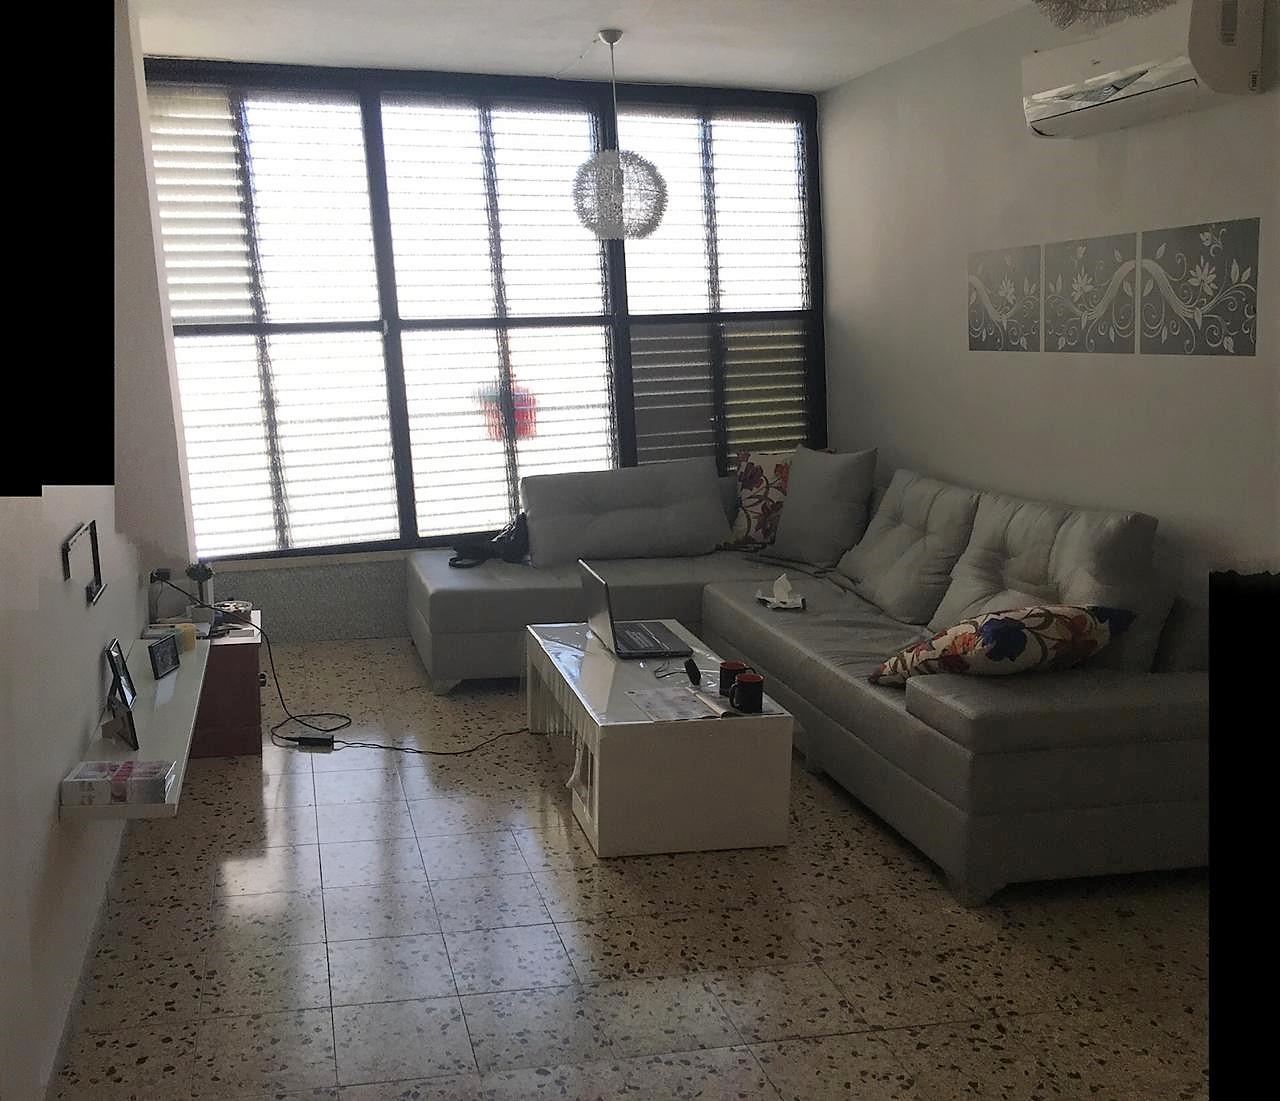 דירה להשכרה 2 חדרים 4,550₪ בחודש, בת ים